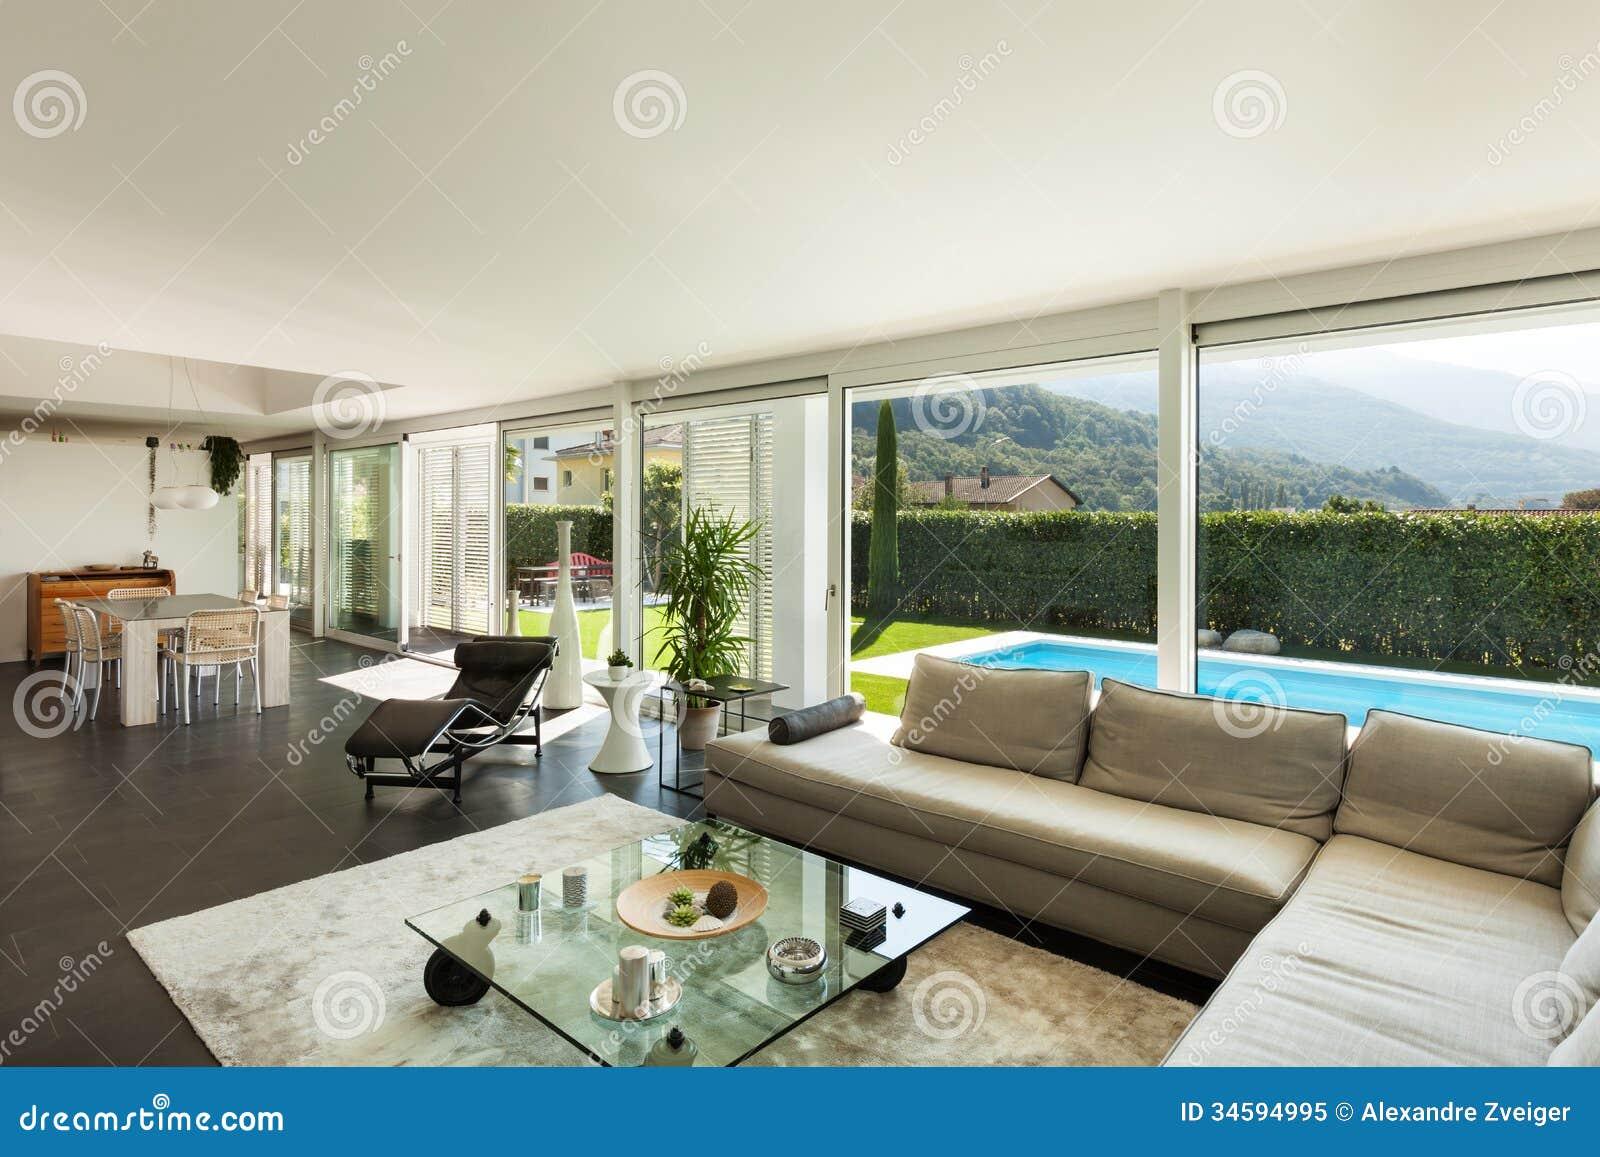 Casa de campo moderna interiores bonitos imagem de stock - Casa de campo moderna ...